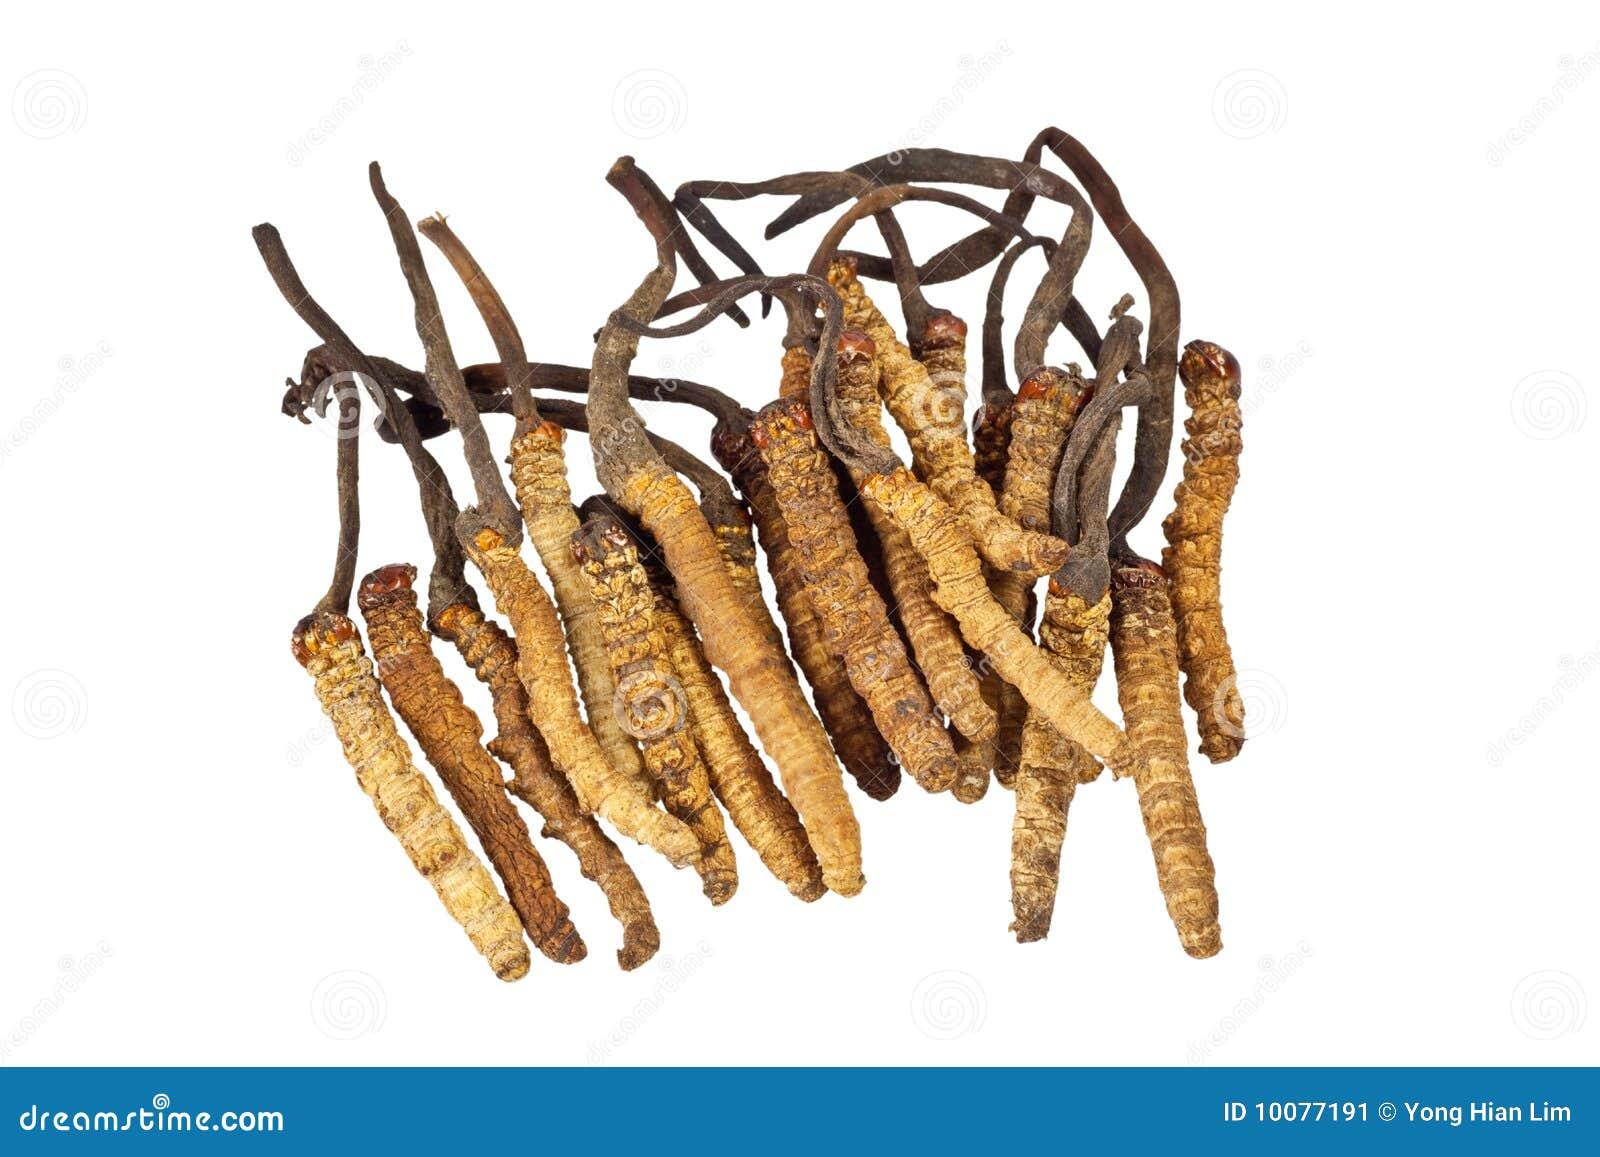 Traditionele Chinese Geneeskunde - sinensis Cordyceps